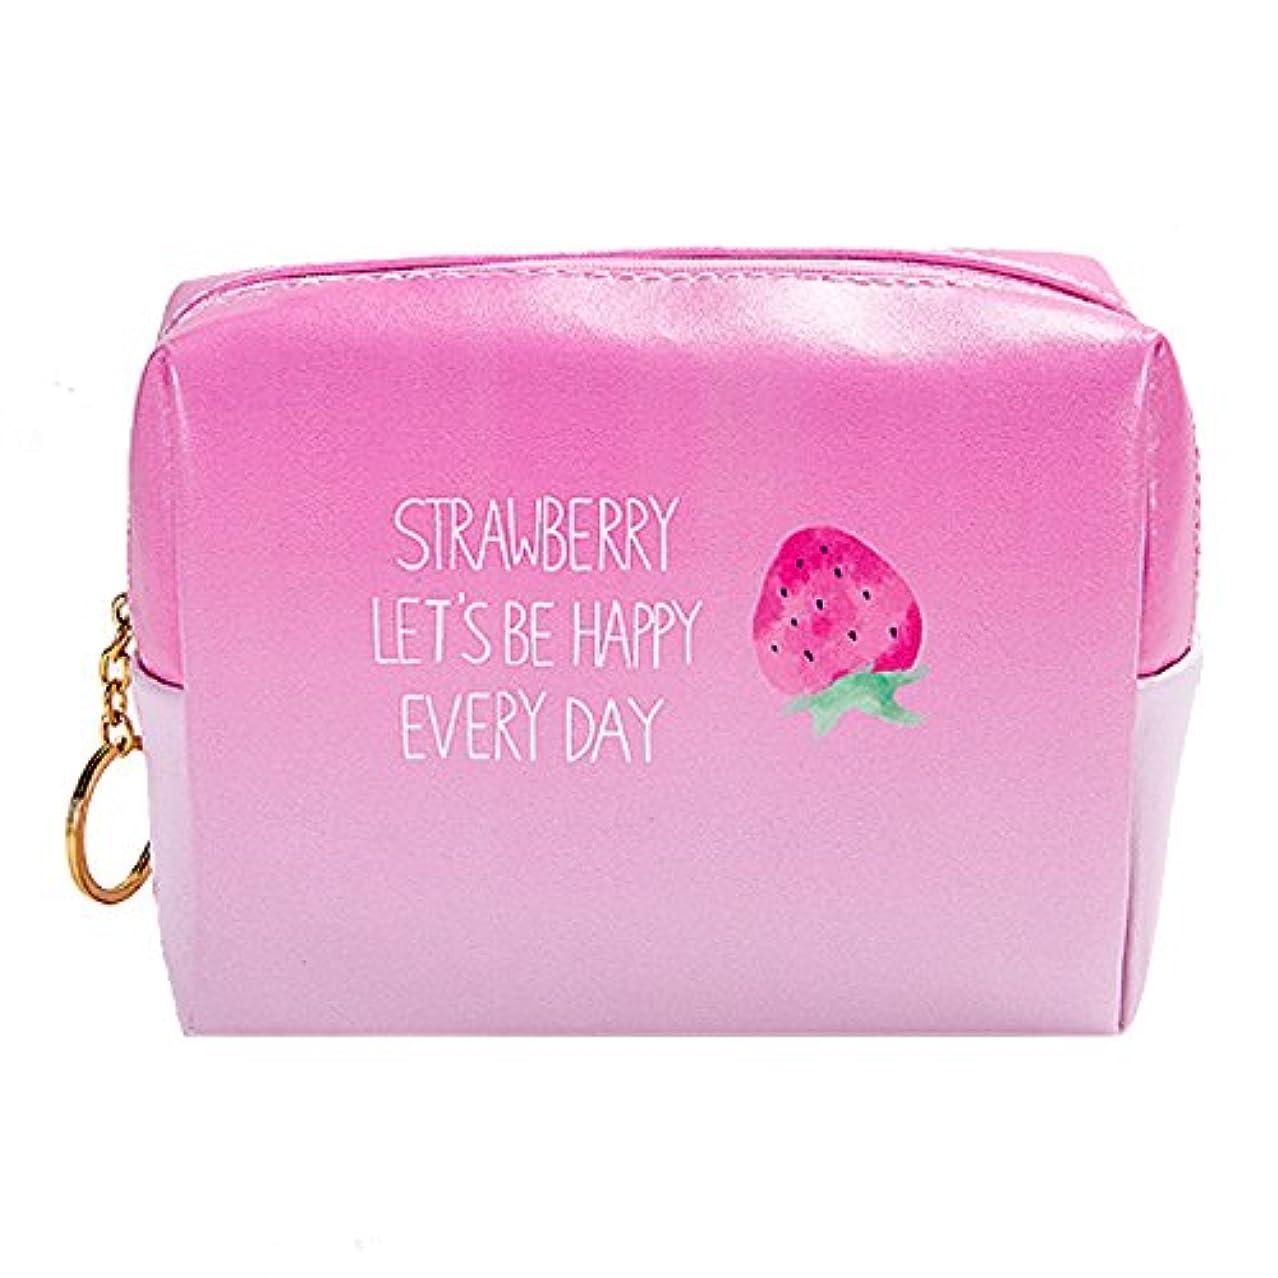 主に役に立つやさしくHOYOFO 化粧ポーチ 小物収納 コスメポーチ かわいい 小物ポーチ おしゃれ バッグインバッグ コンパクト レディース 大容量 ピンク